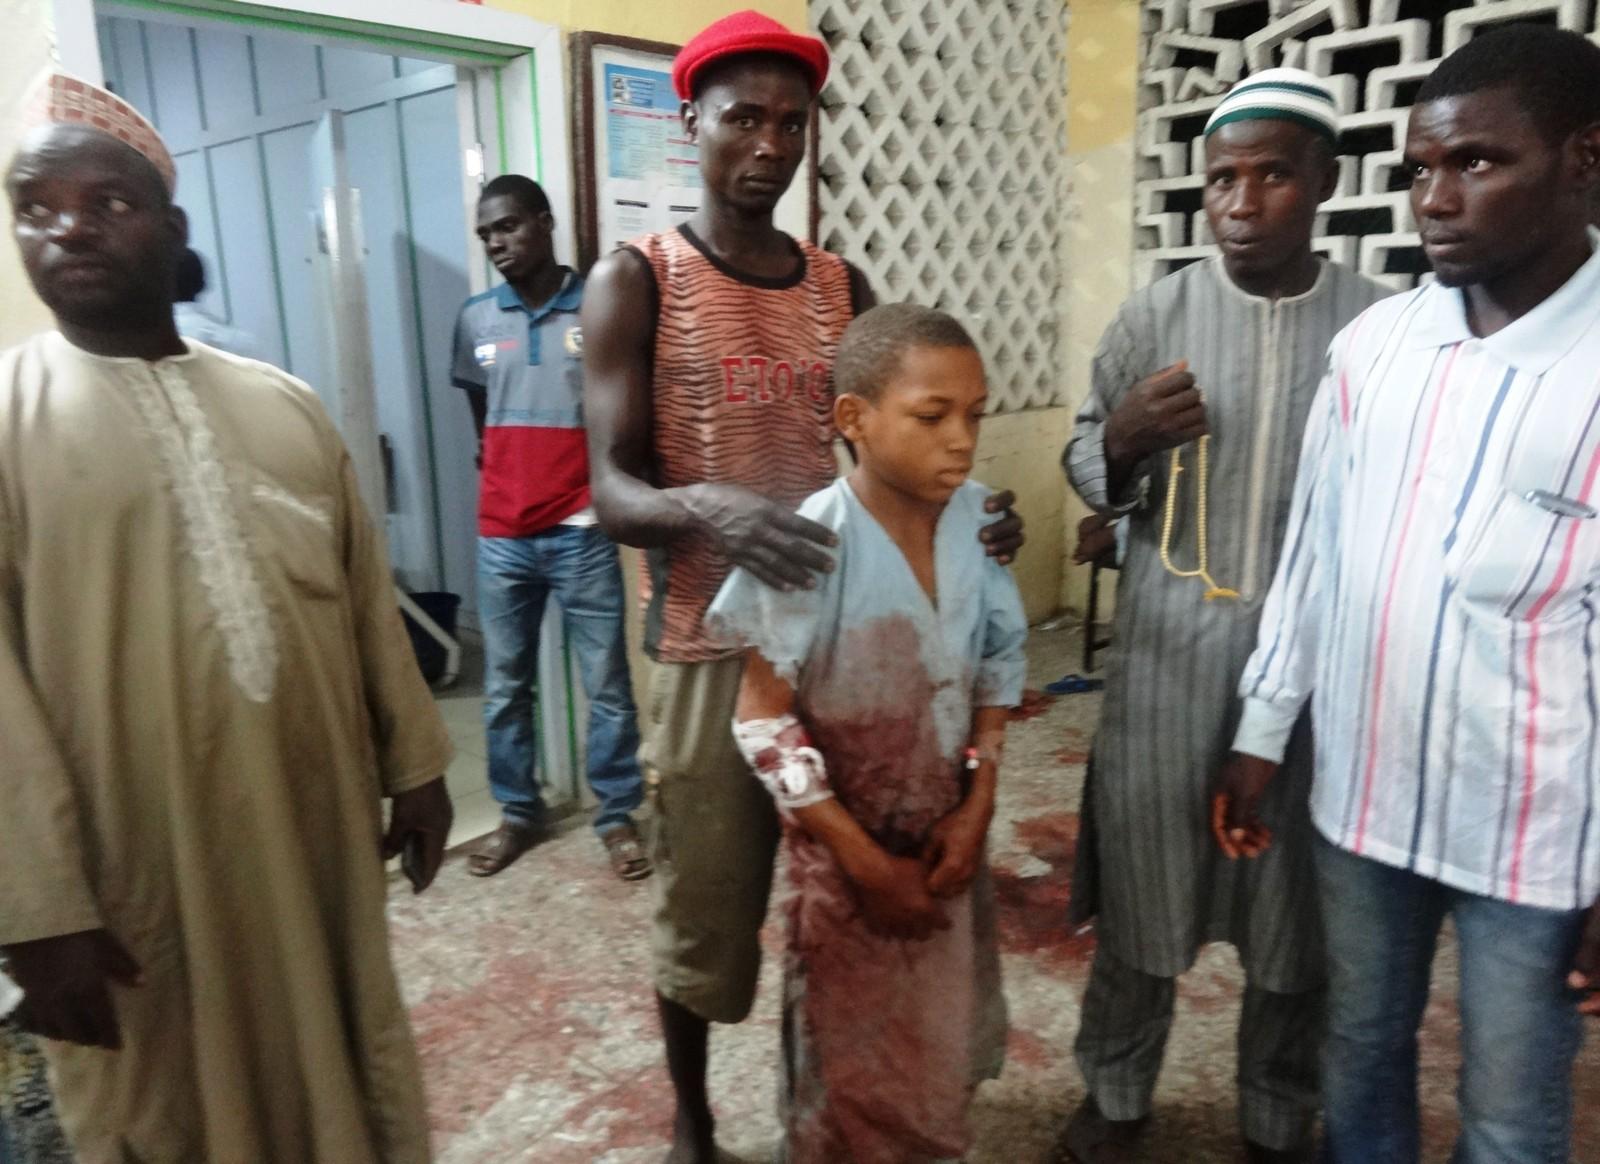 Ein gut har fått hjelp etter at han vart skadd i angrepet som skjedde då fredagsbønen skulle starte i Kano, Nigeria.